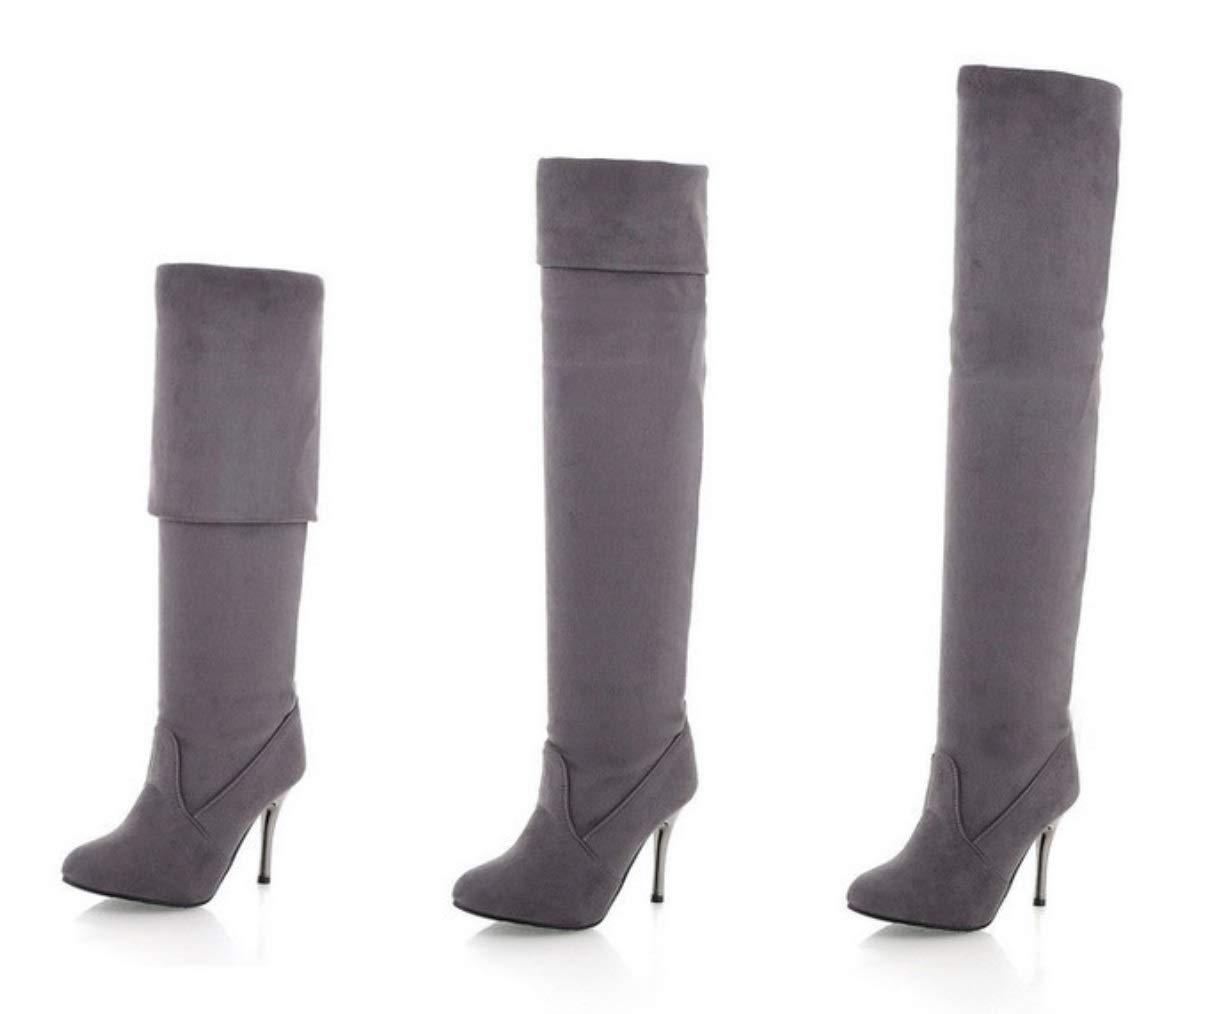 SHANGWU Frauen Super High Ferse Wasserdichte Plattform Plattform Plattform Sexy Overknee Stiefel 2018 Herbst Und Winter Spitzen Frauen Stretch Hochhackige Stiefel (Farbe   grau Plus Velvet, Größe   46) 80b7f0